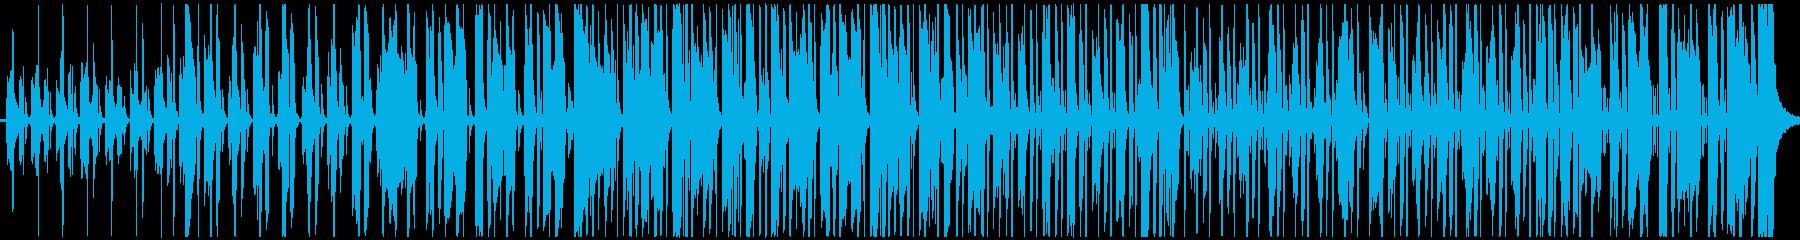 幸せなレゲエは、シンプルなギターリ...の再生済みの波形